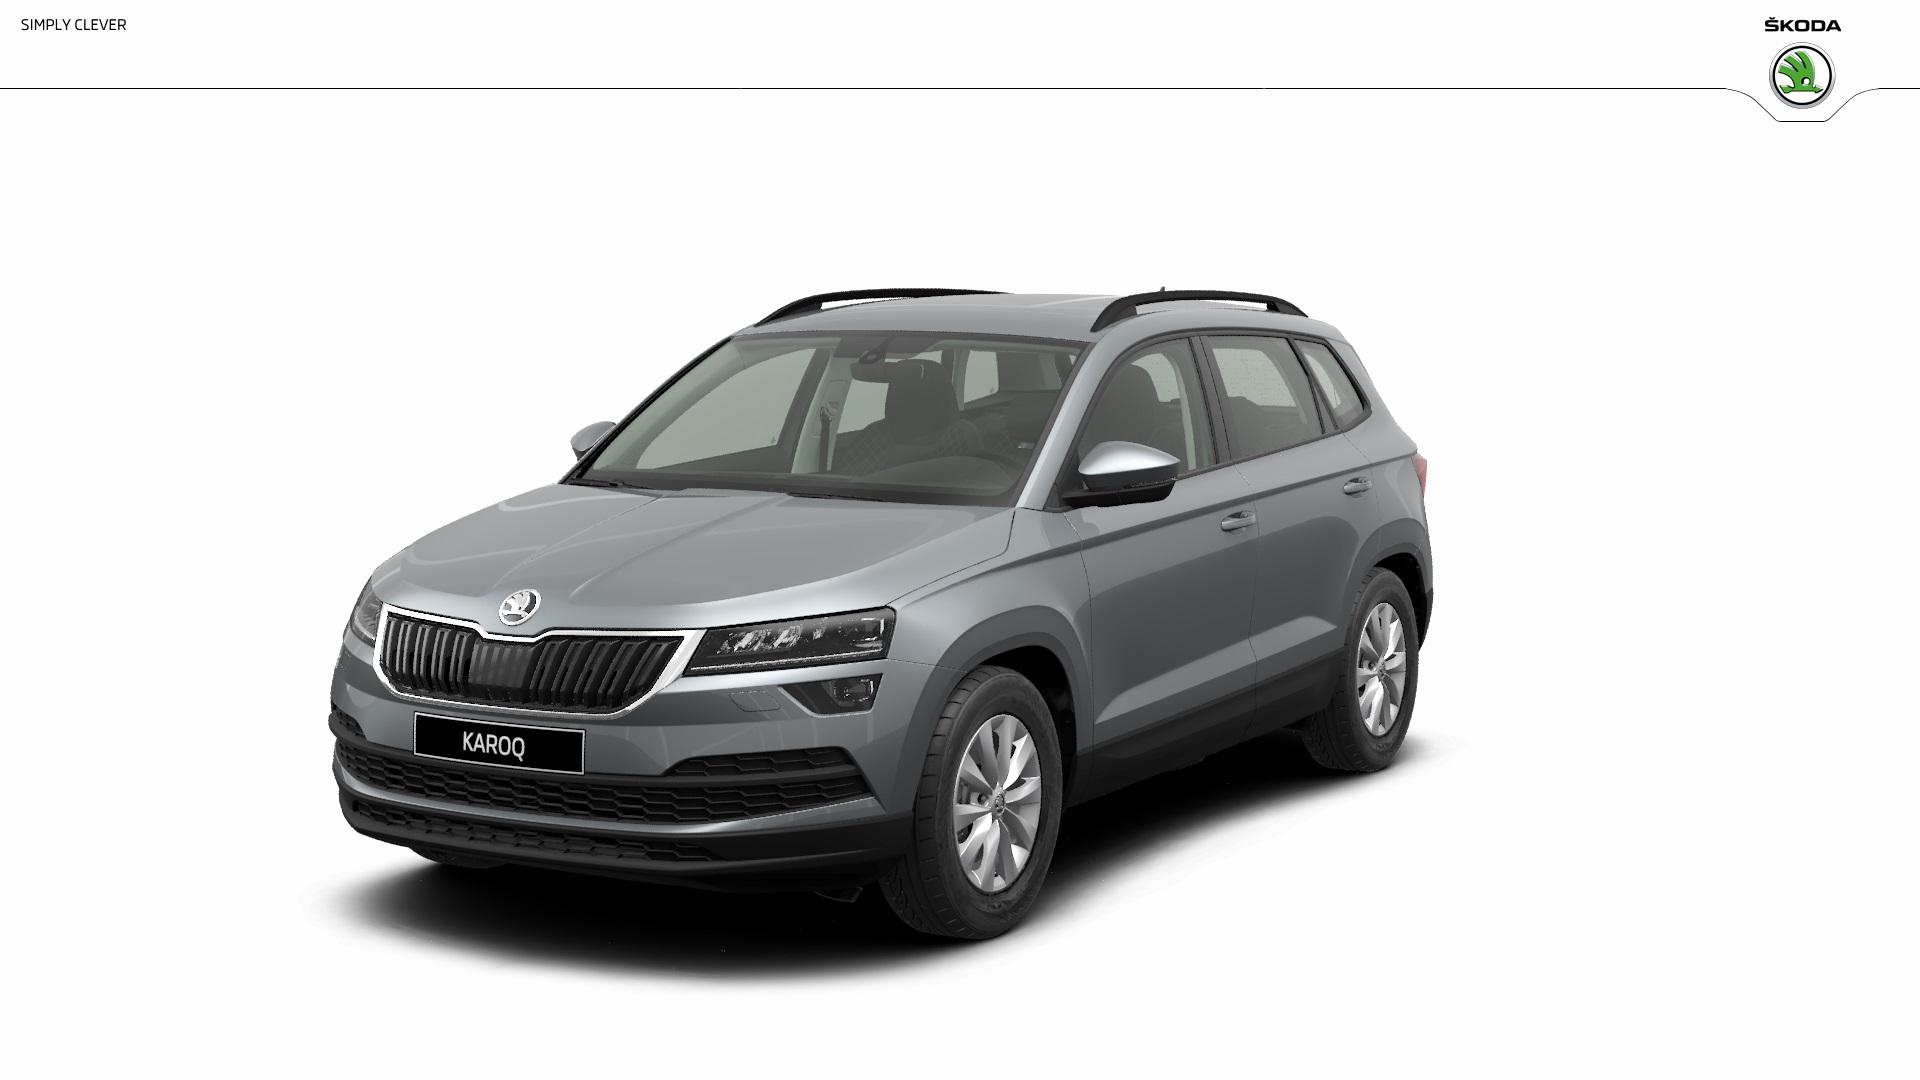 Nové kompaktní SUV Škoda KAROQ s nepřehlédnutelným designem – prodej a servis